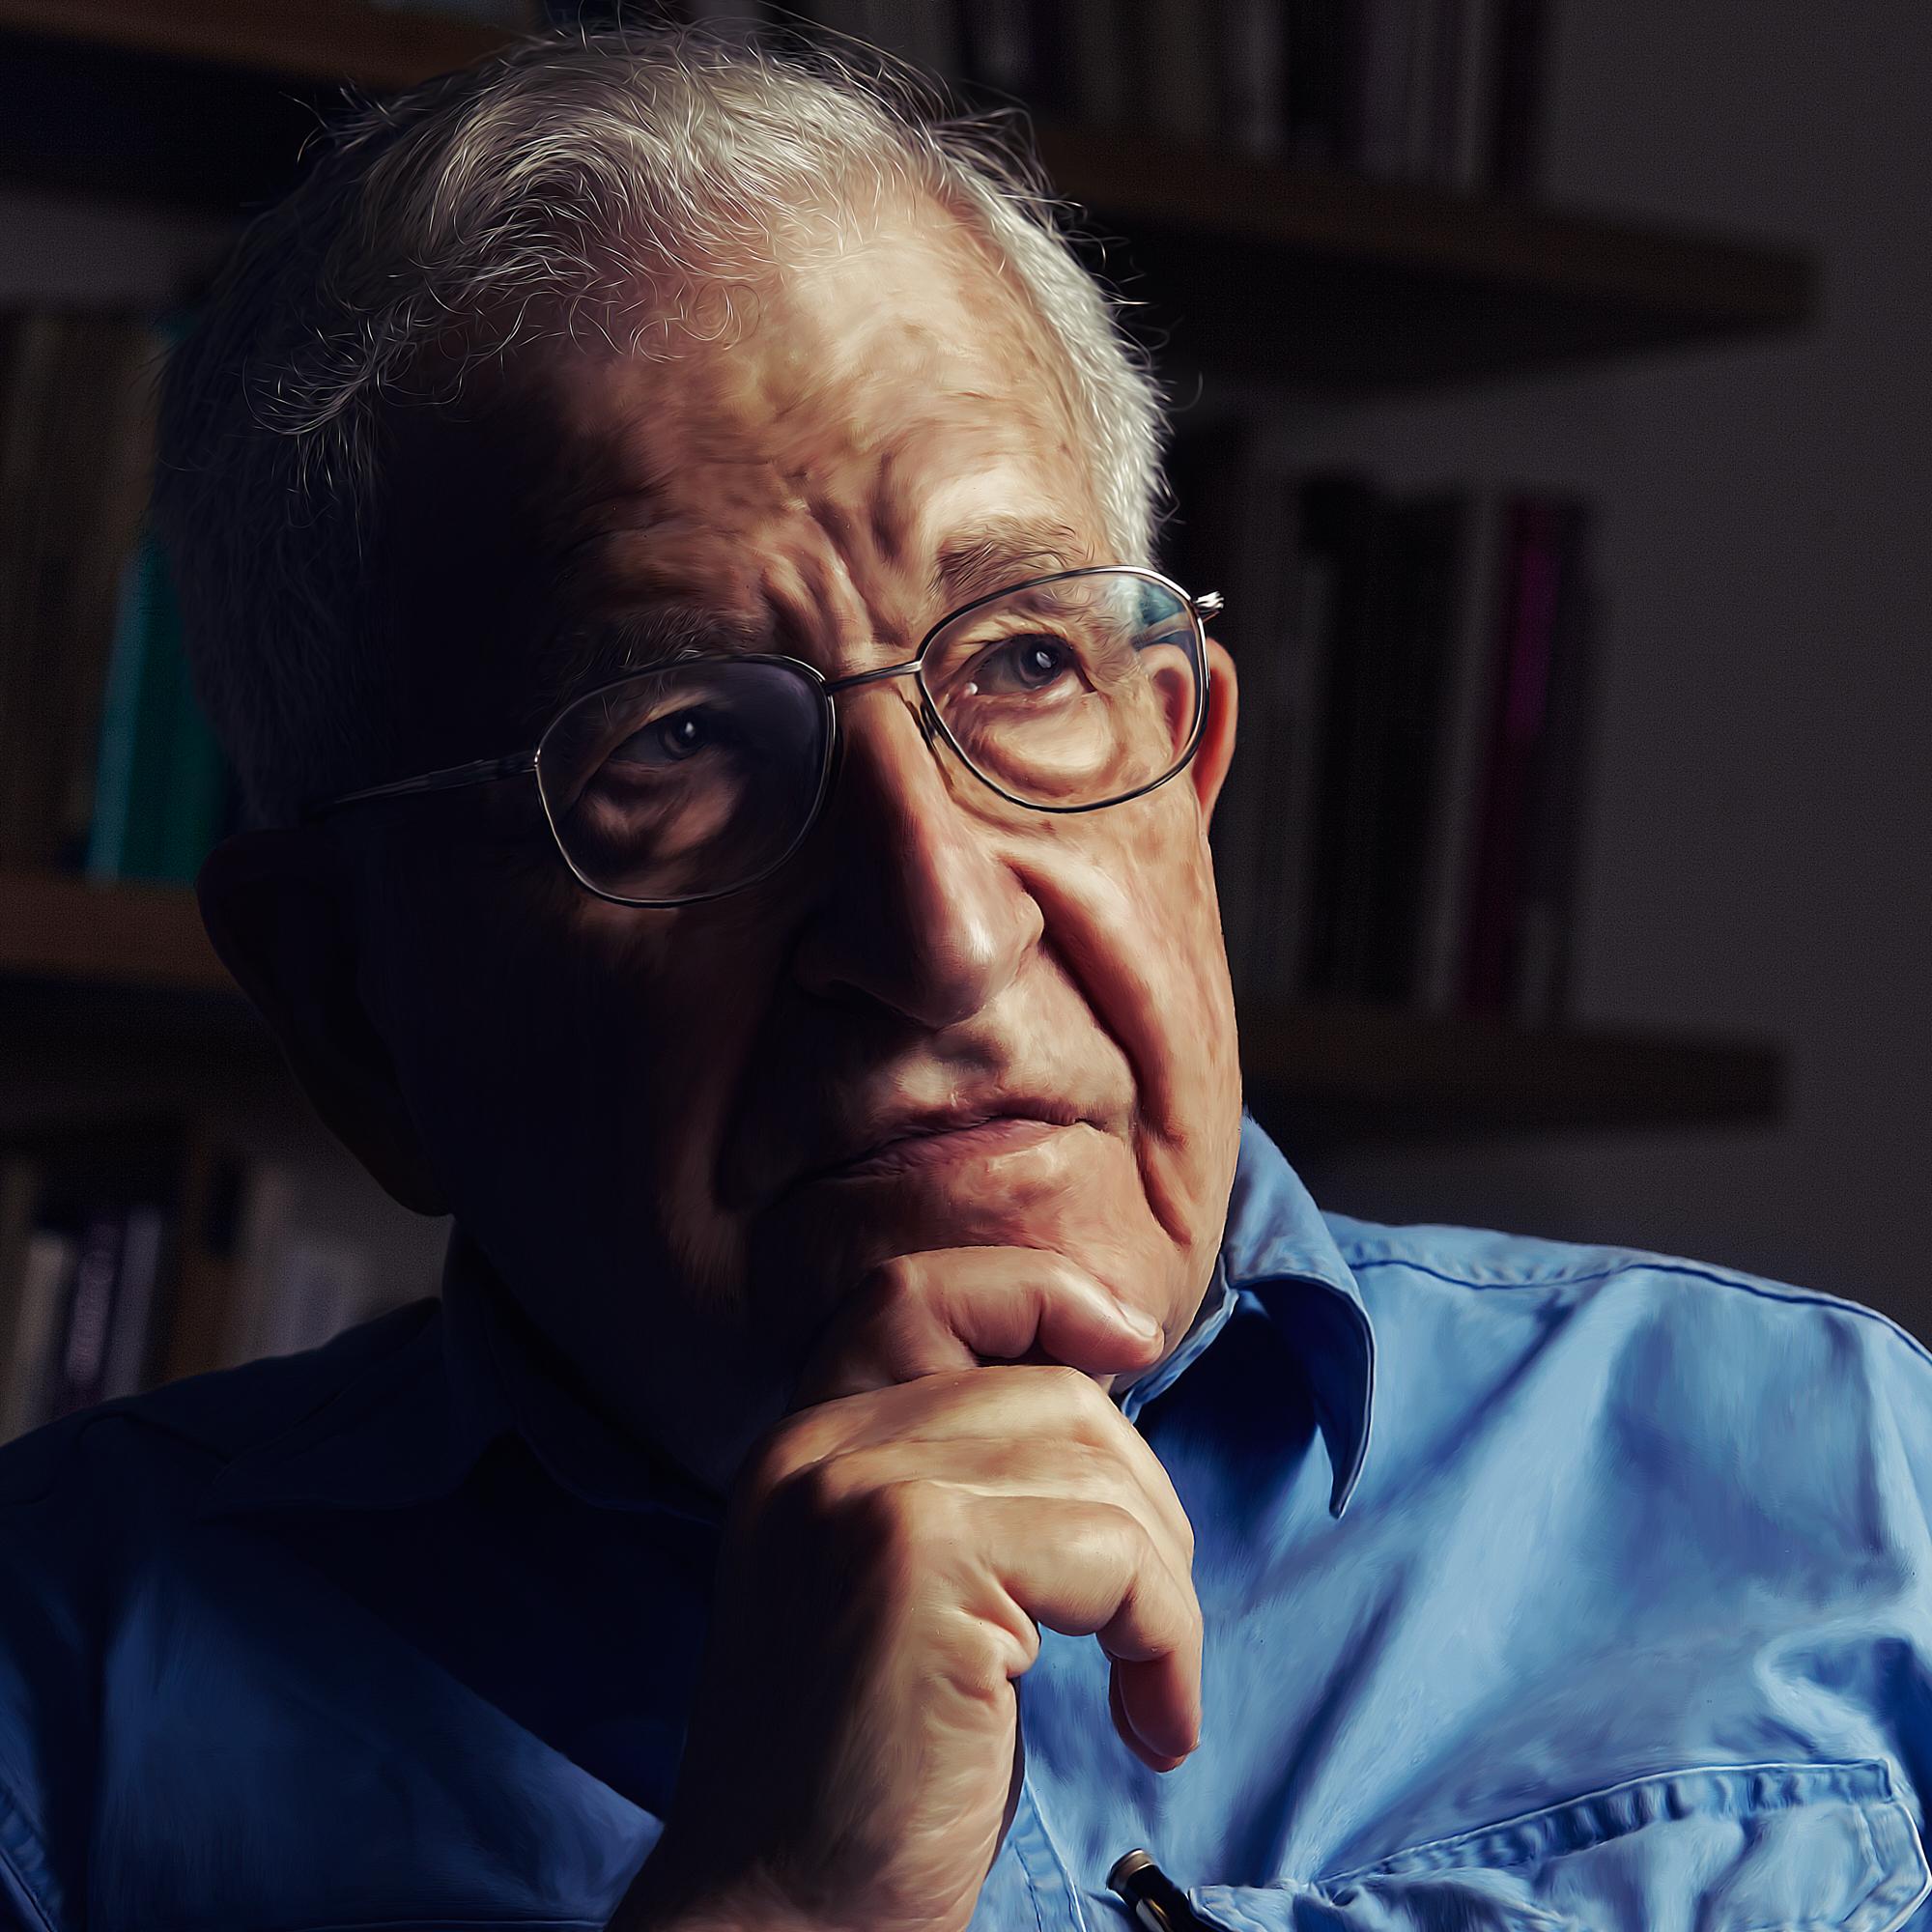 Noam_Chomsky_4394.jpg